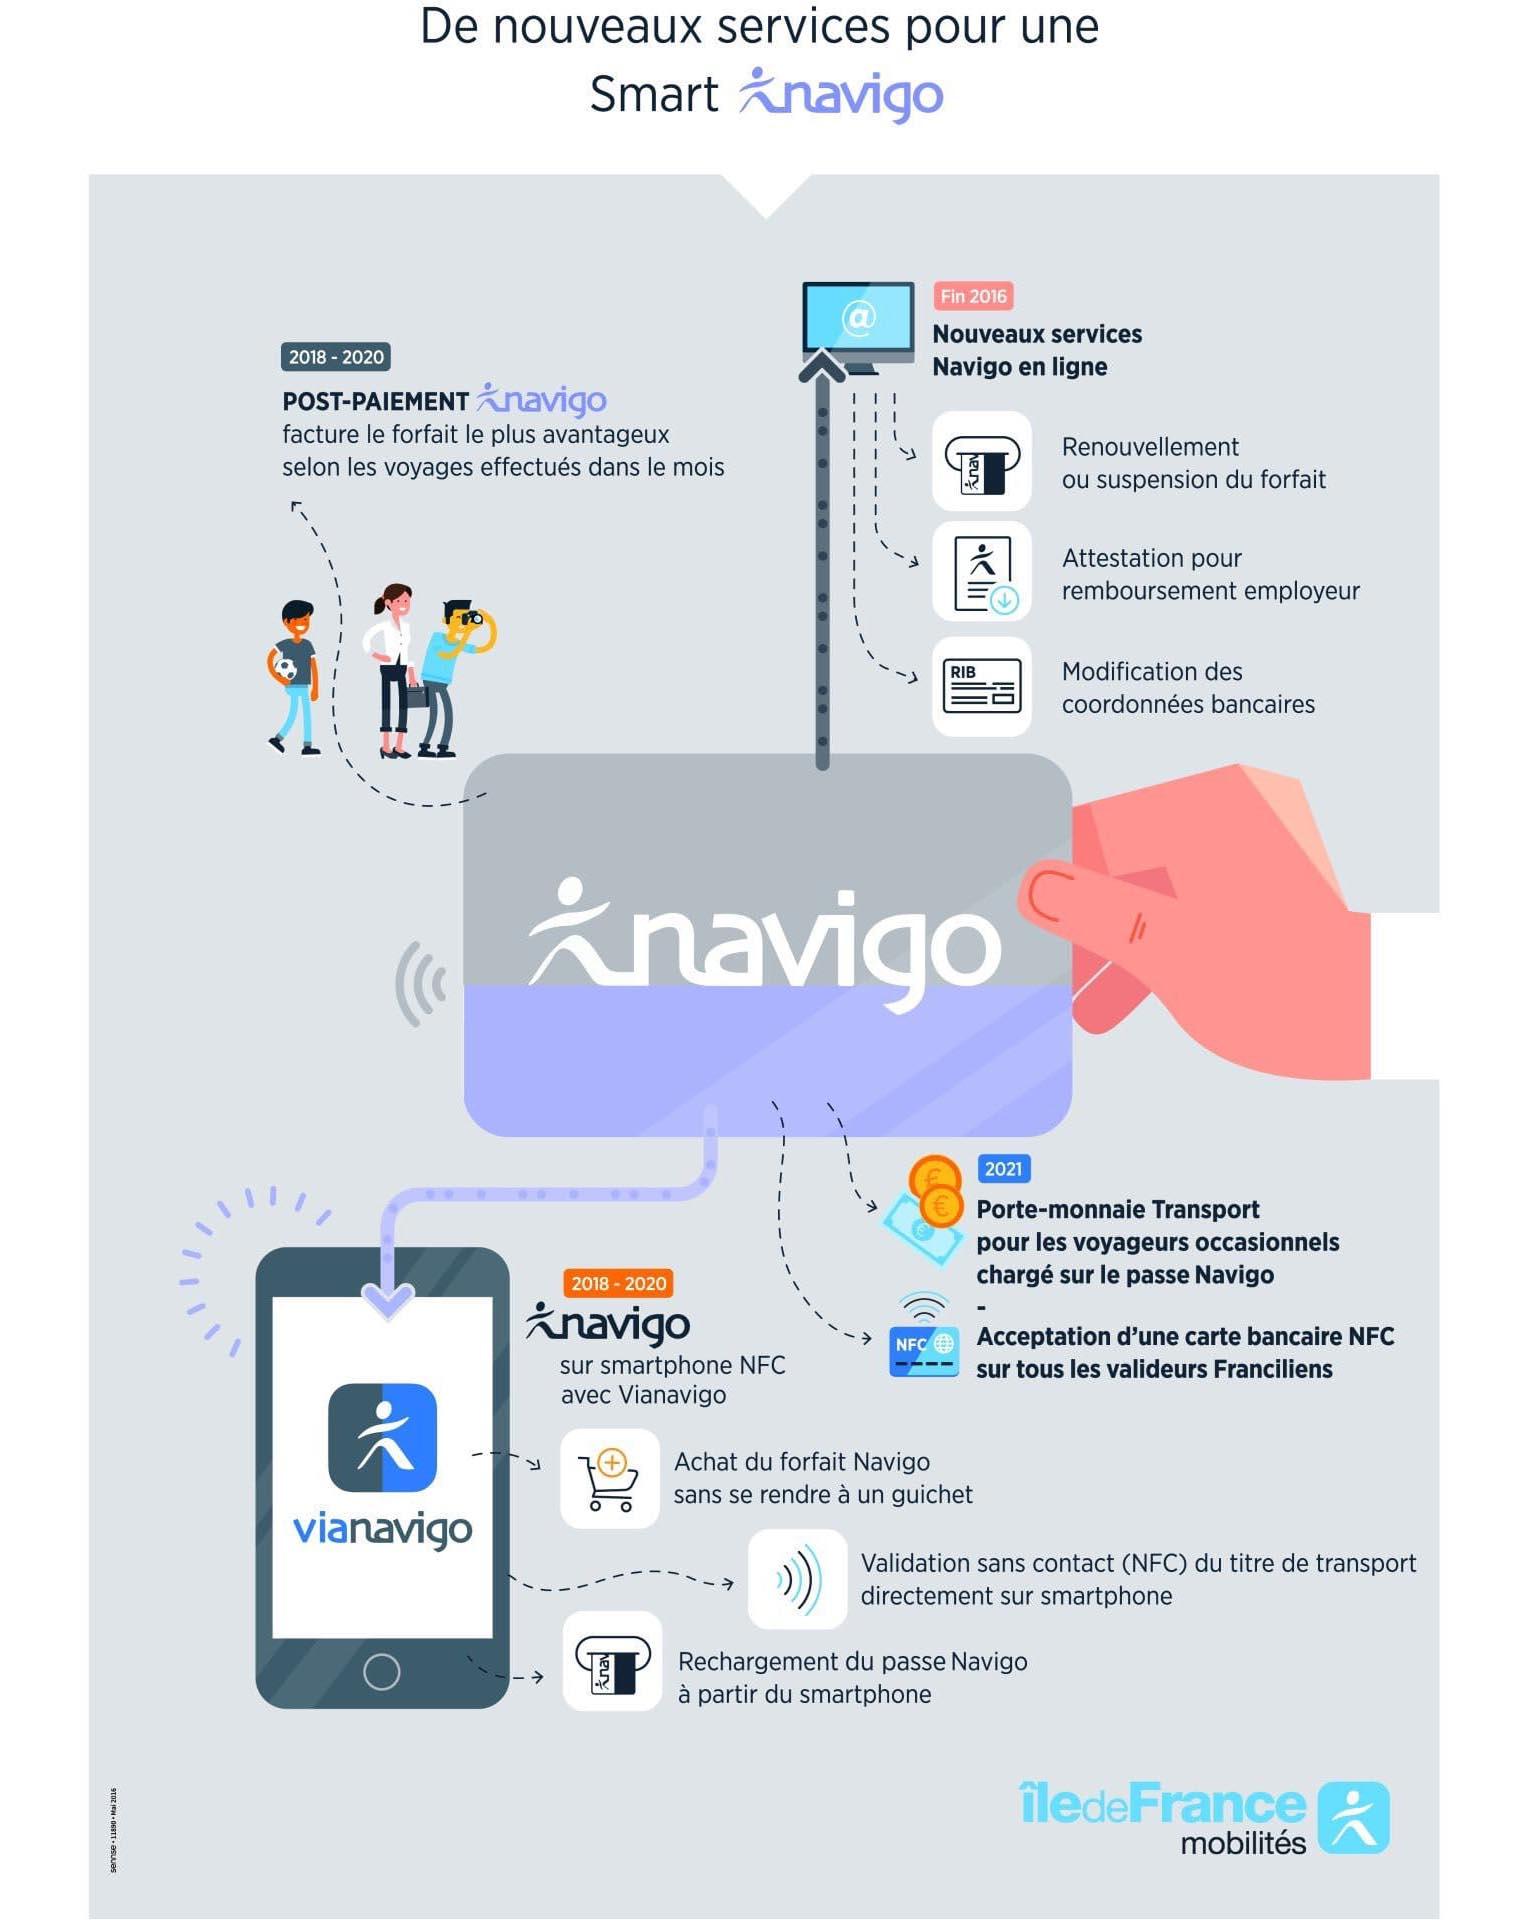 Passe Navigo smartphone